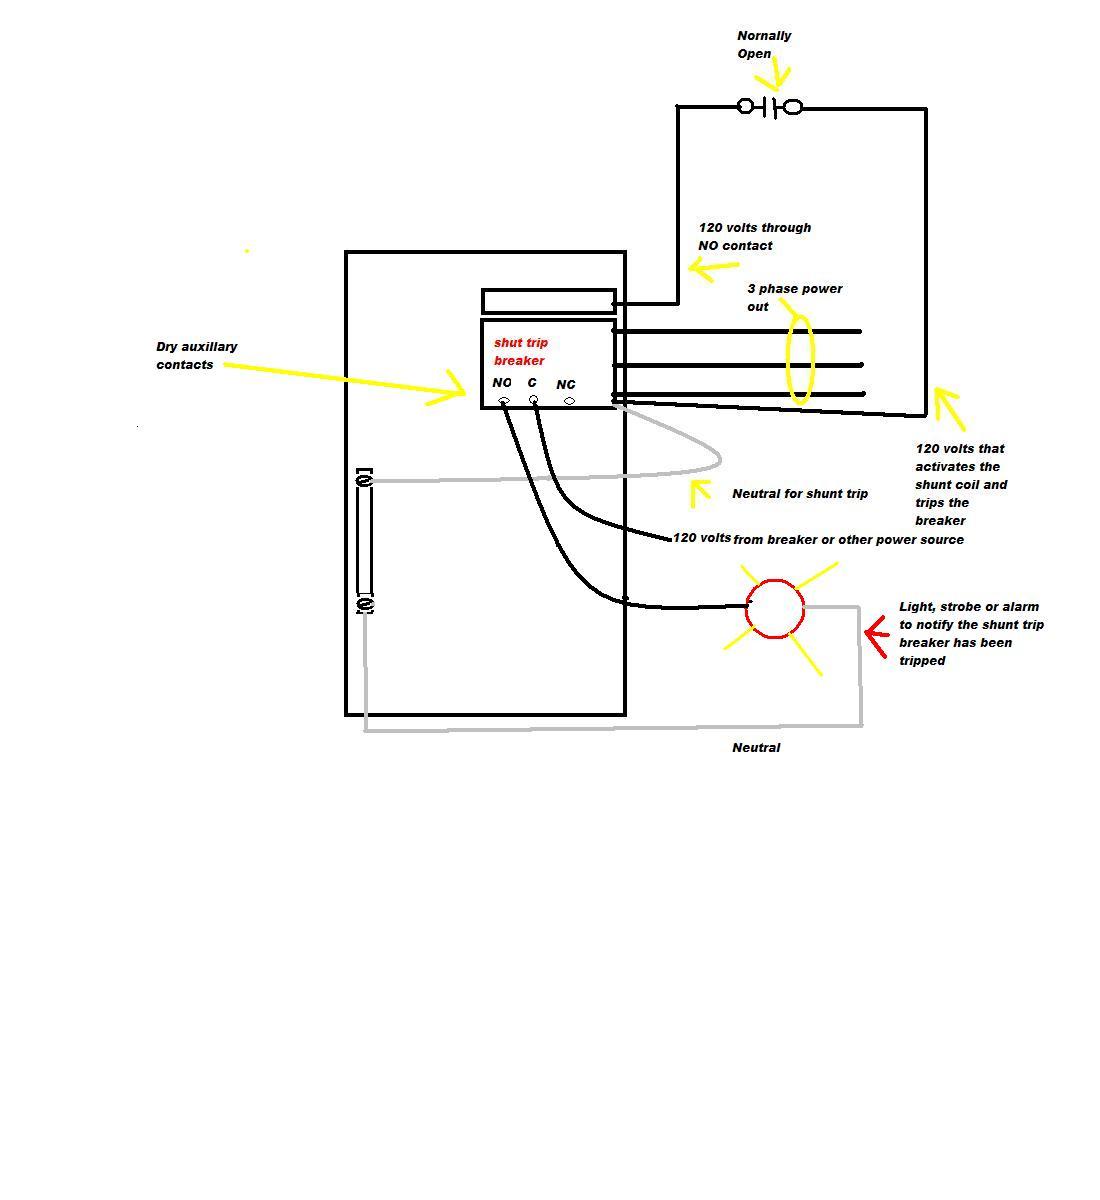 Circuit Breaker Shunt Trip Wiring Diagram Library New   Msyc Switch - Shunt Trip Breaker Wiring Diagram